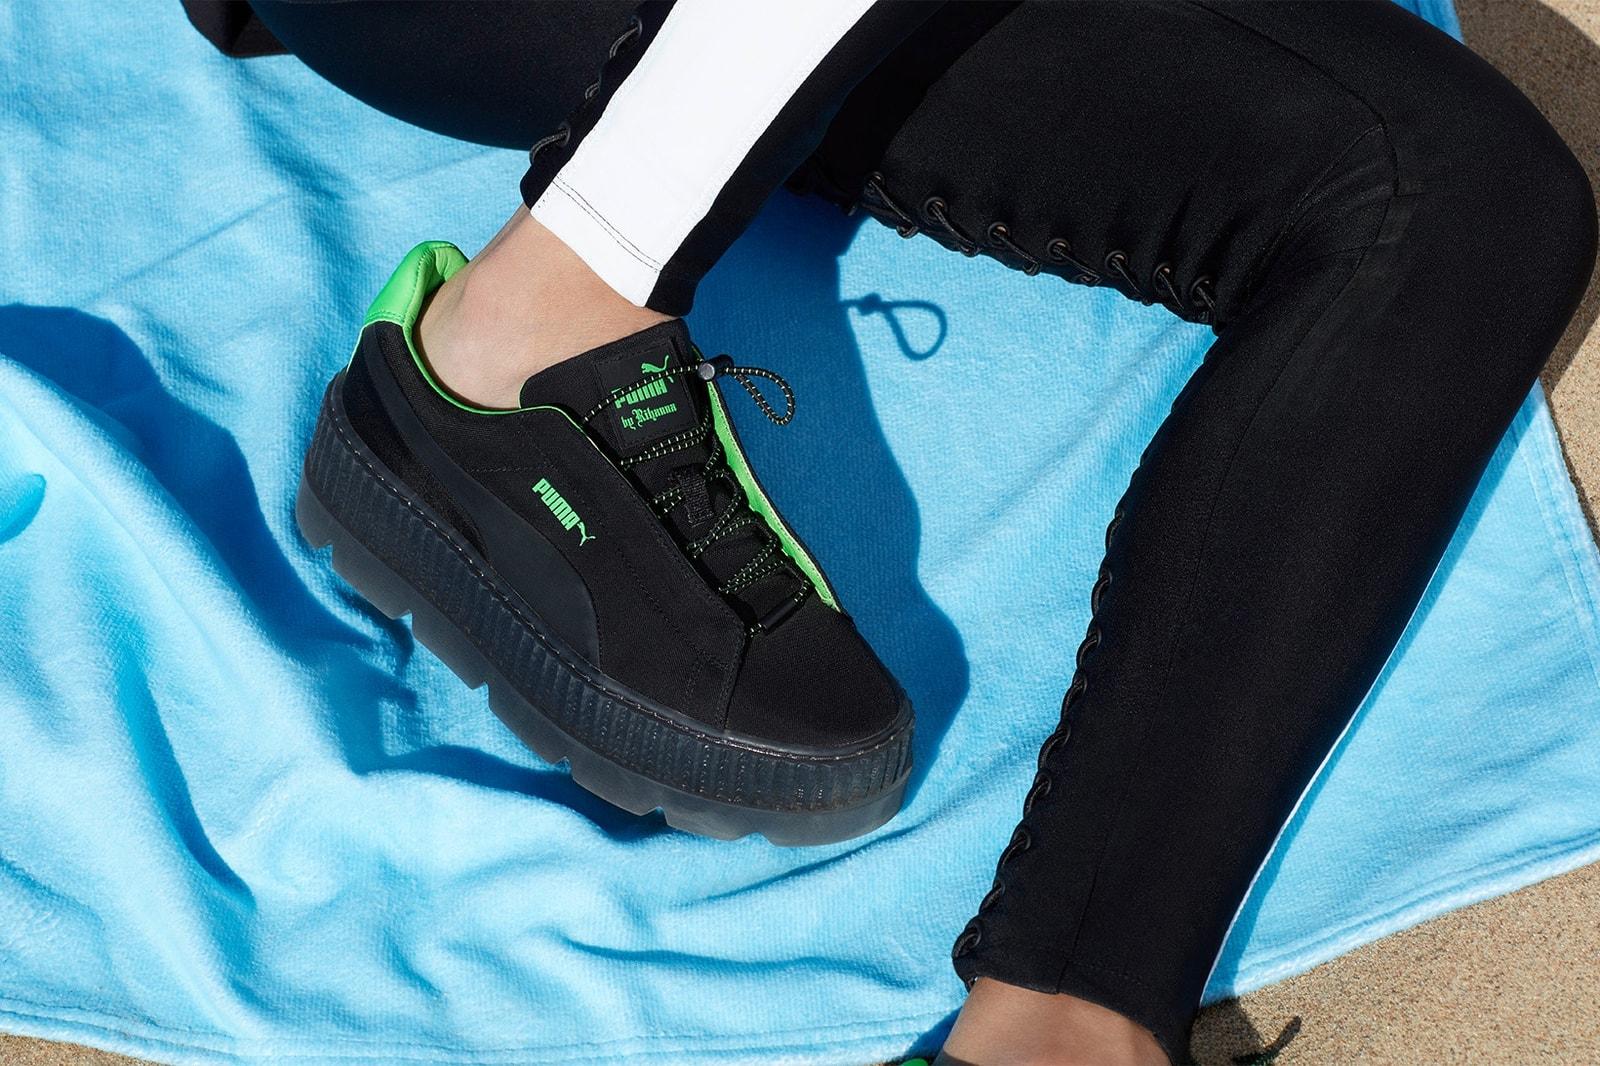 Where to buy rihanna fenty puma spring summer 2018 adidas Originals nmd cs2  pharrell williams hu holi a0df786cd